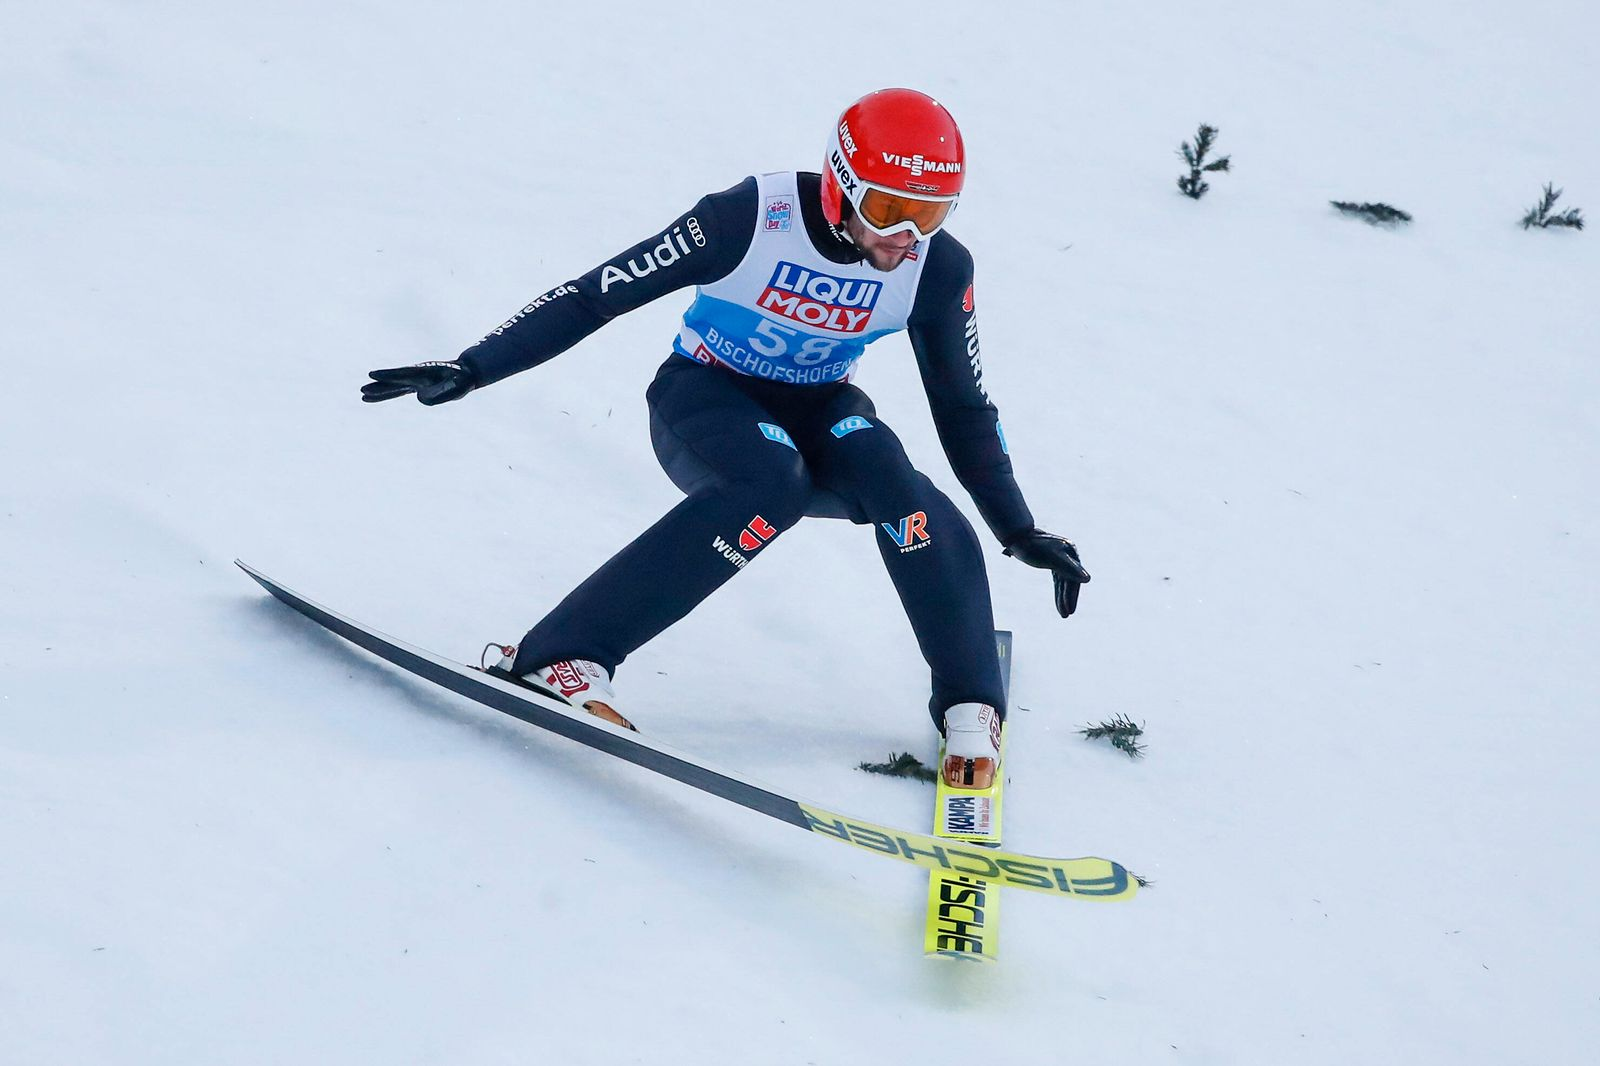 Ski jumping, Skispringen, Ski, nordisch - FIS WC Bischofshofen BISCHOFSHOFEN,AUSTRIA,05.JAN.21 - NORDIC SKIING, SKI JUM